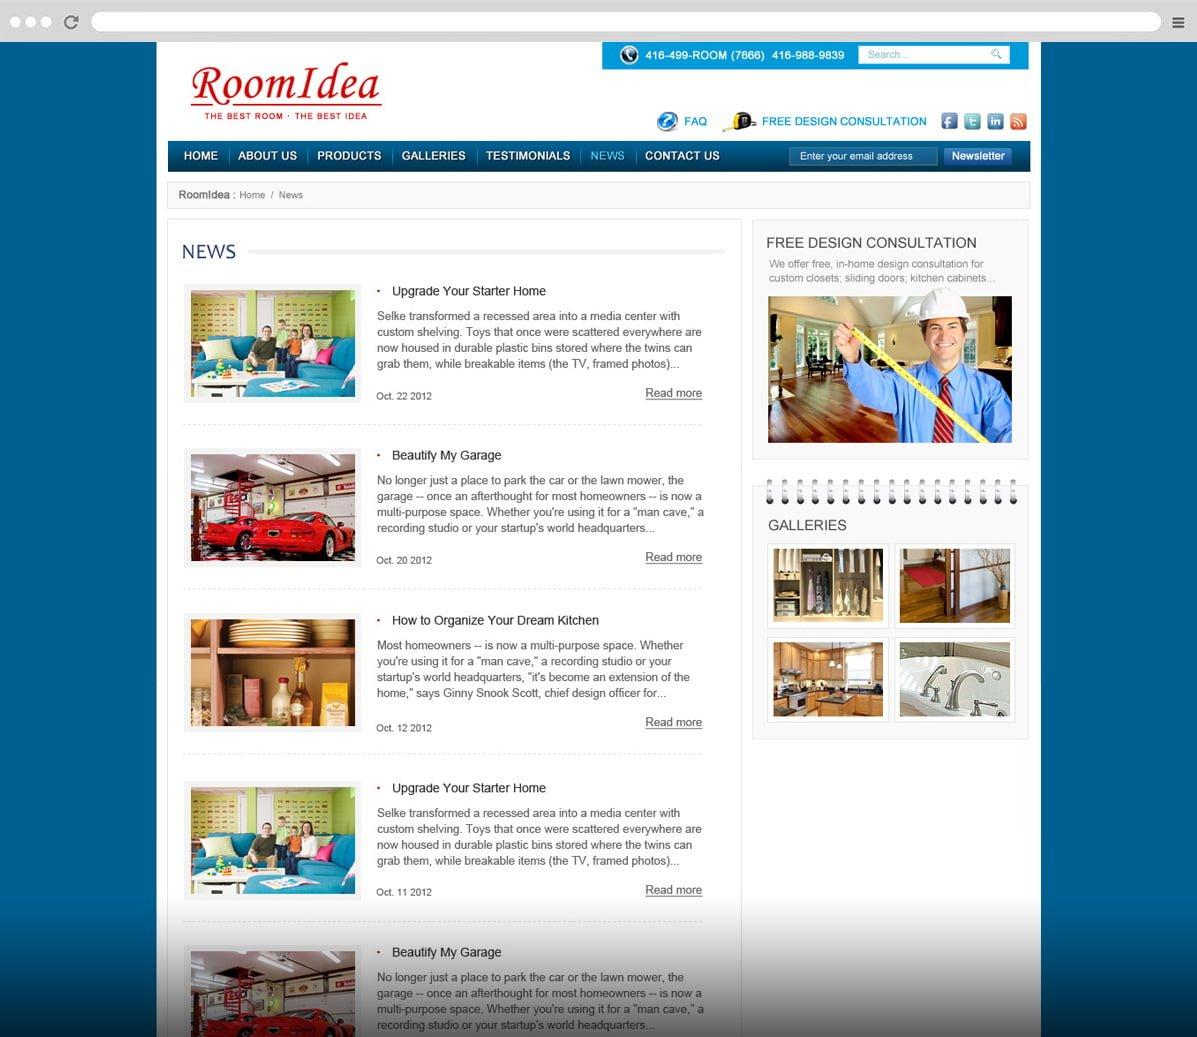 Roomidea-5.jpg